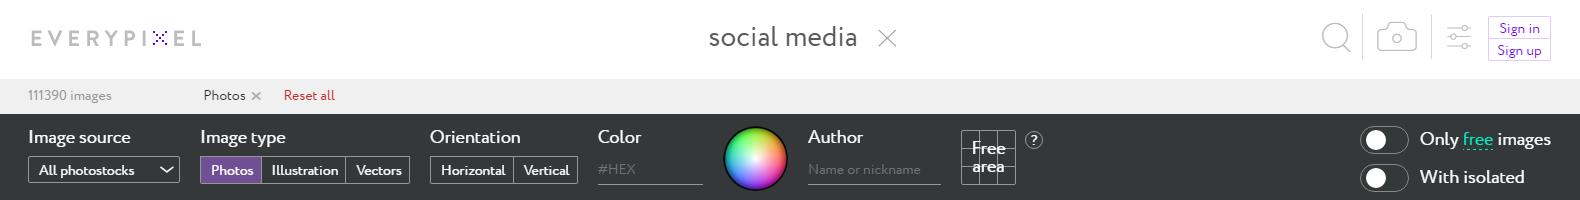 searchbar